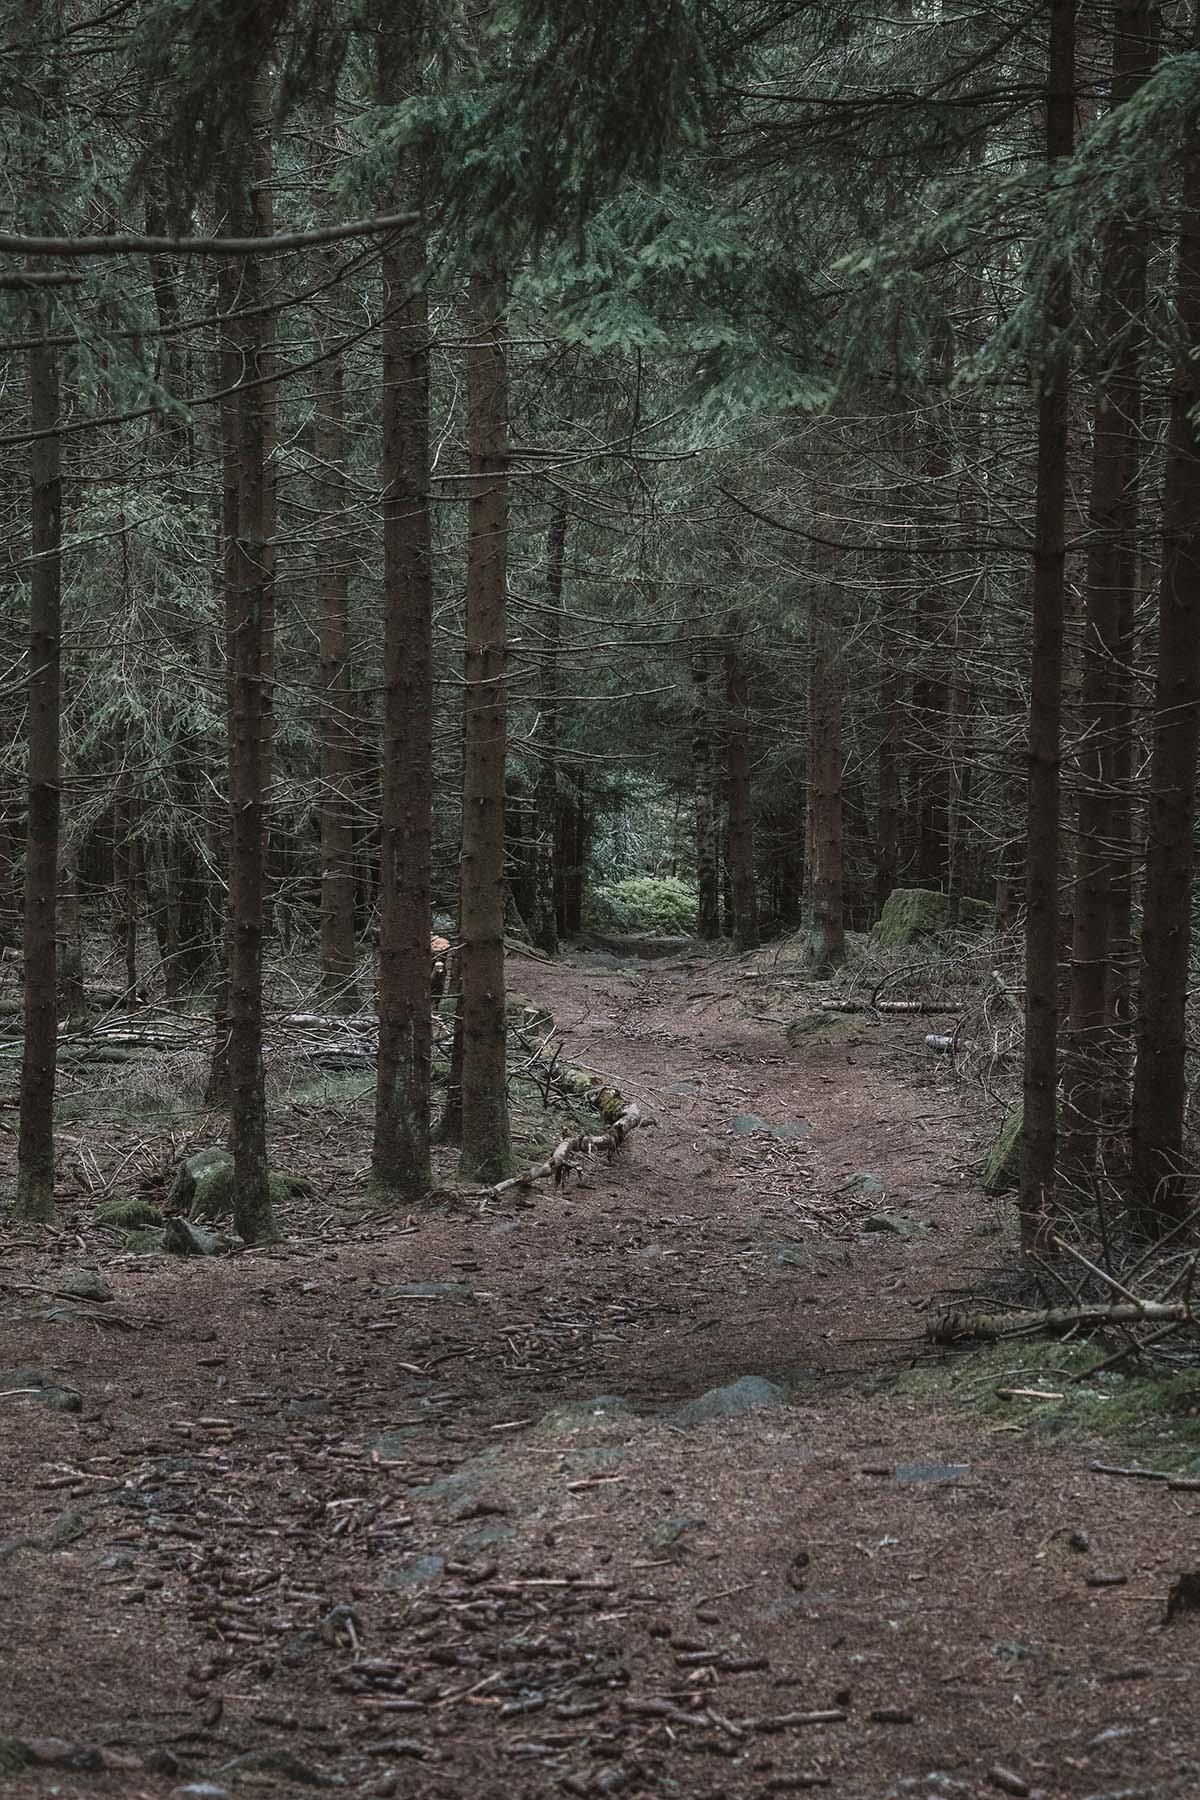 teufelstisch-bischofsmais-waldweg-lichtung